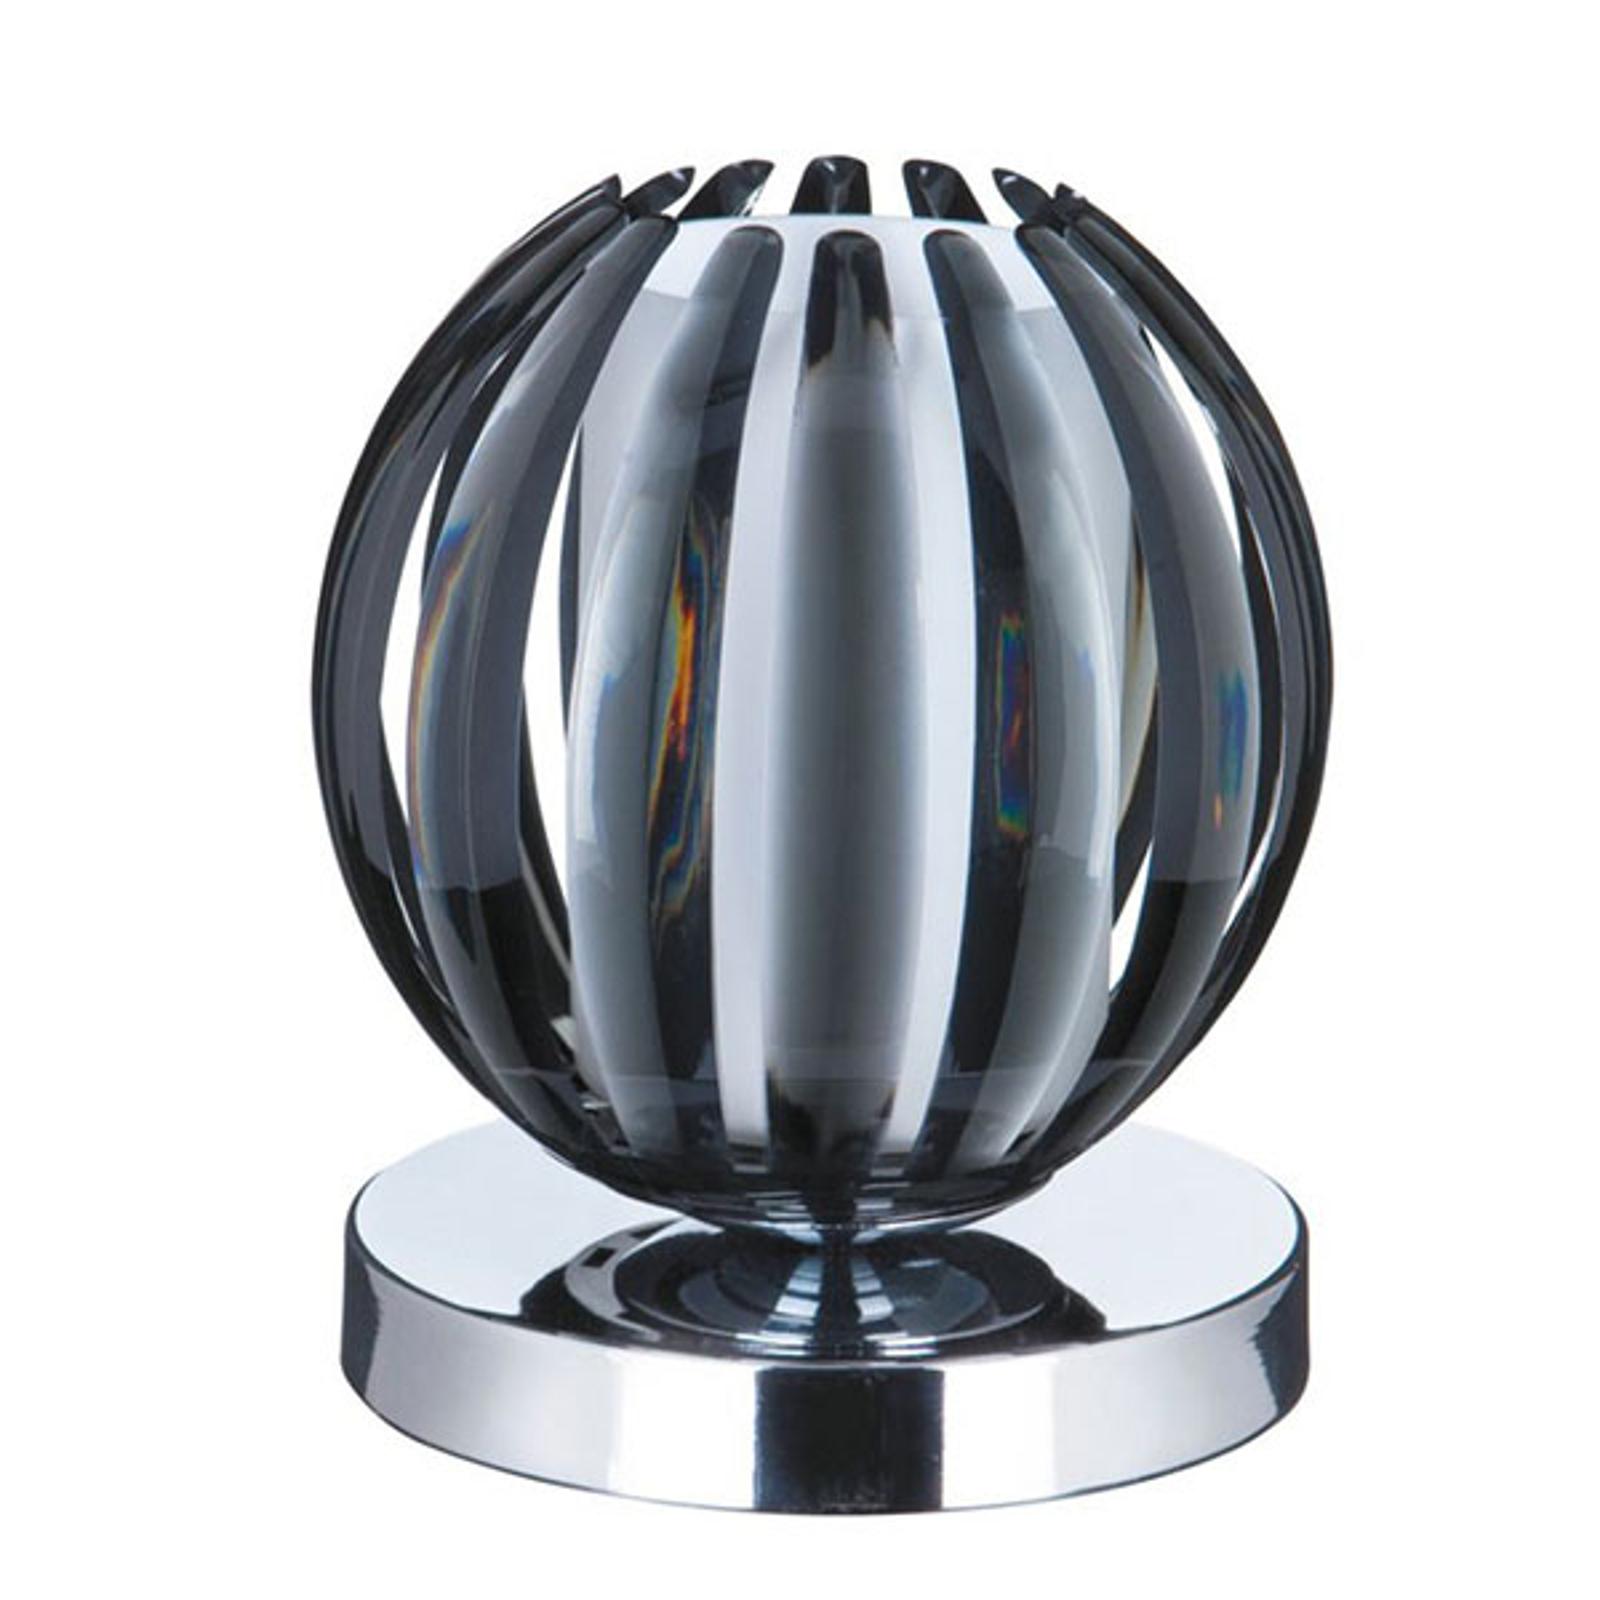 Tischlampe Claw mit Touchfunktion, Schirm rauch